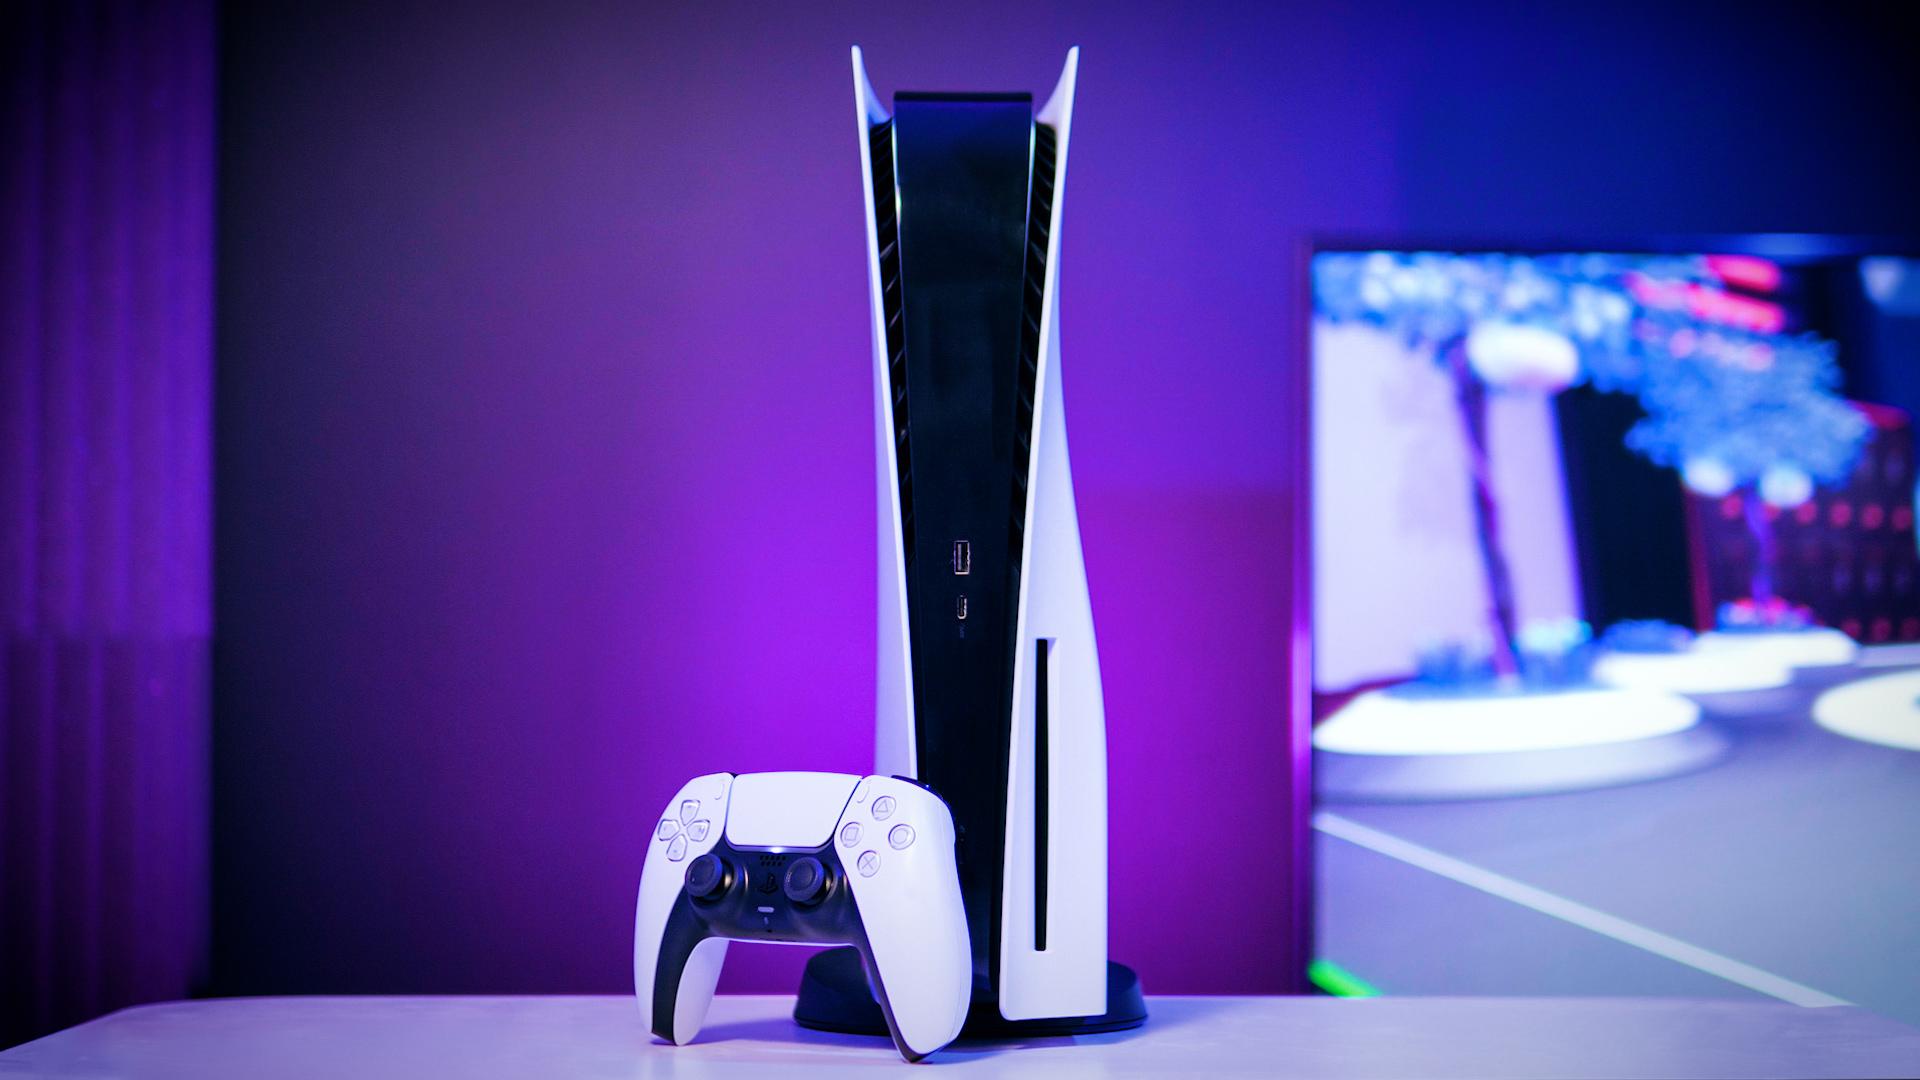 PS5 : la console next-gen de Sony prend les devants